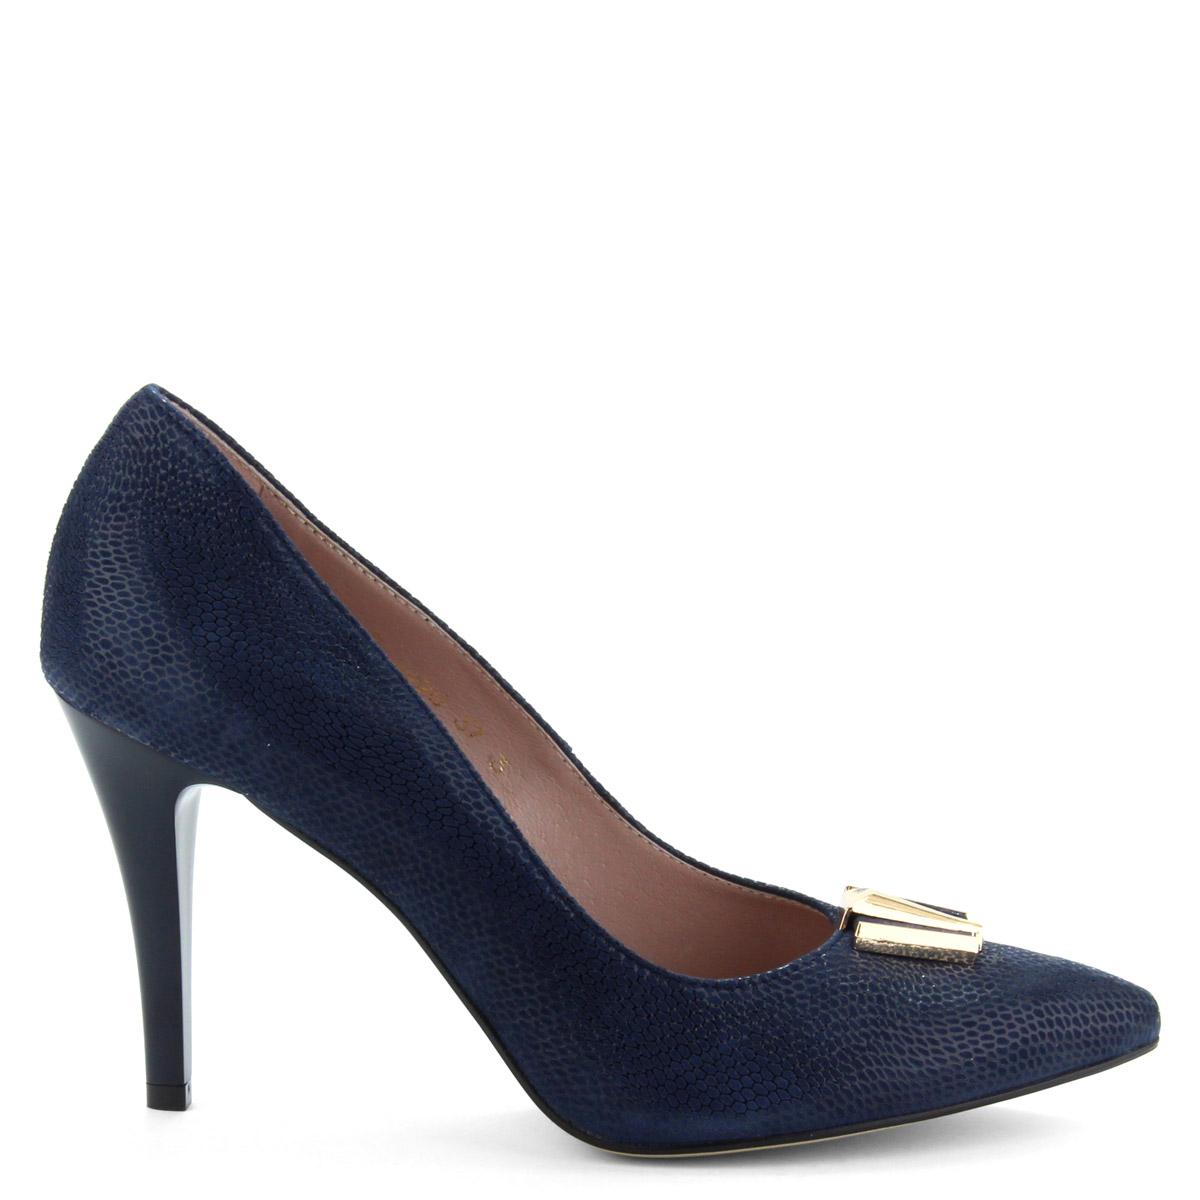 db2c515f96 9 cm magas sarkú sötétkék női magas sarkú cipő strukturált bőr felsőrésszel  és bőr béléssel.